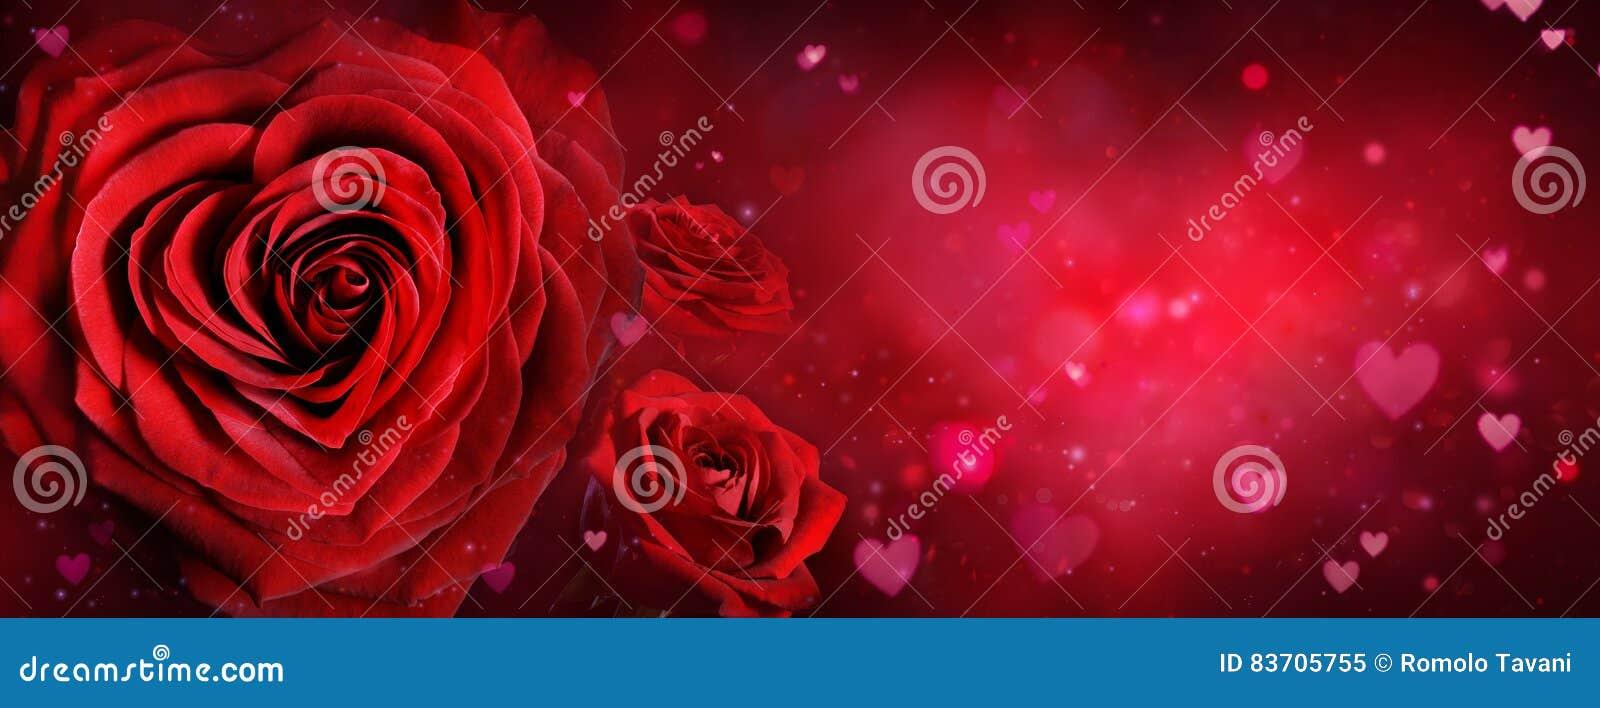 Κάρτα βαλεντίνων - τριαντάφυλλα και καρδιές